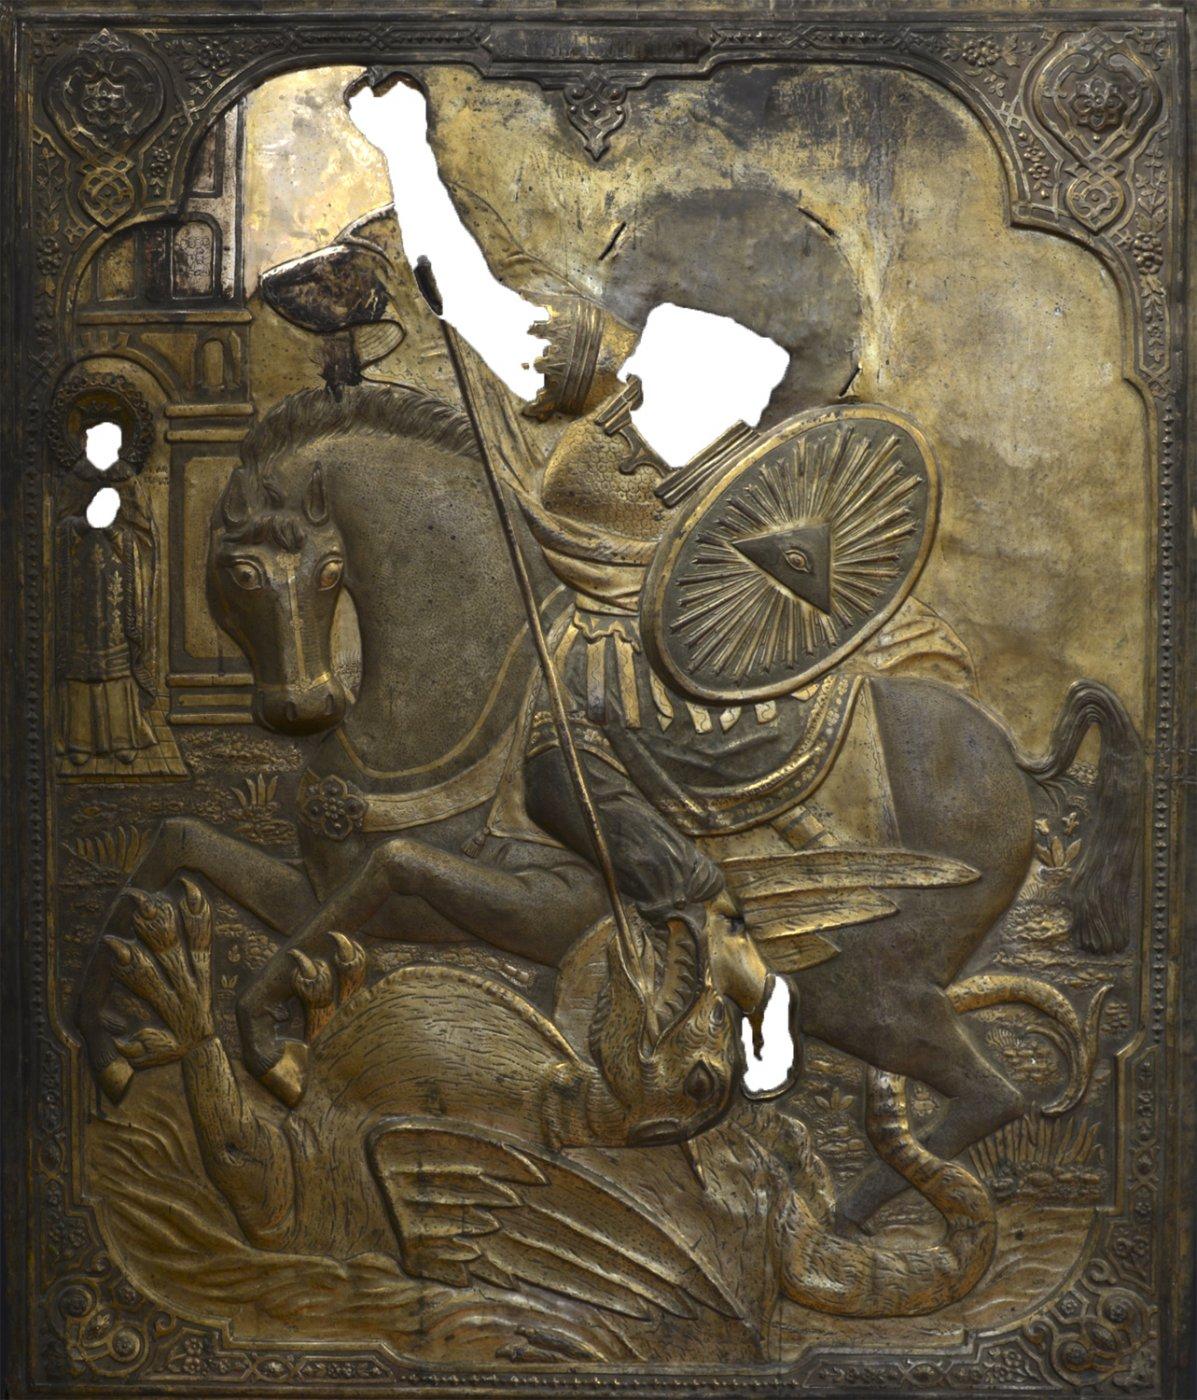 Цуда Георгія аб змеі. XVIII ст. Дрэва, ляўкас, метал. Тэмпера, алей, разьба па ляўкасу, залачэнне, чаканка. 112,0х93,0х2,0 см